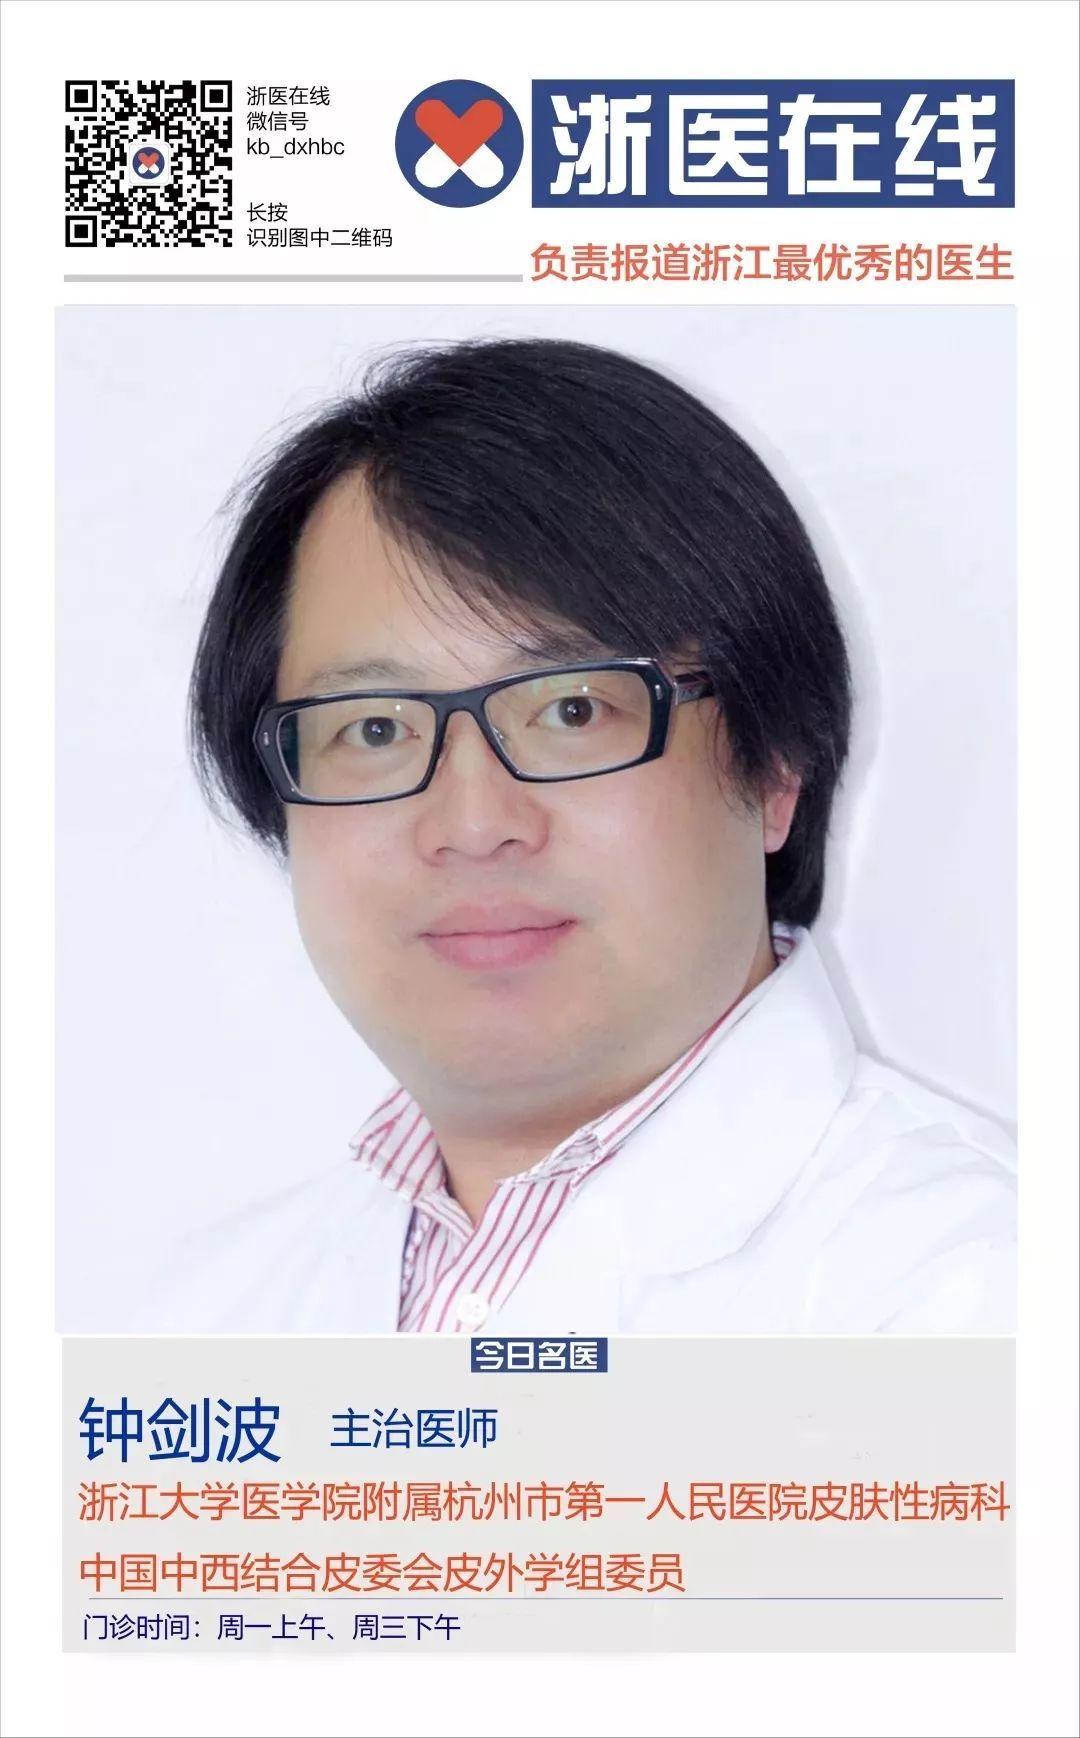 26岁就终身服药防脱发了 万万没想到,杭州脱发主力军居然是...…